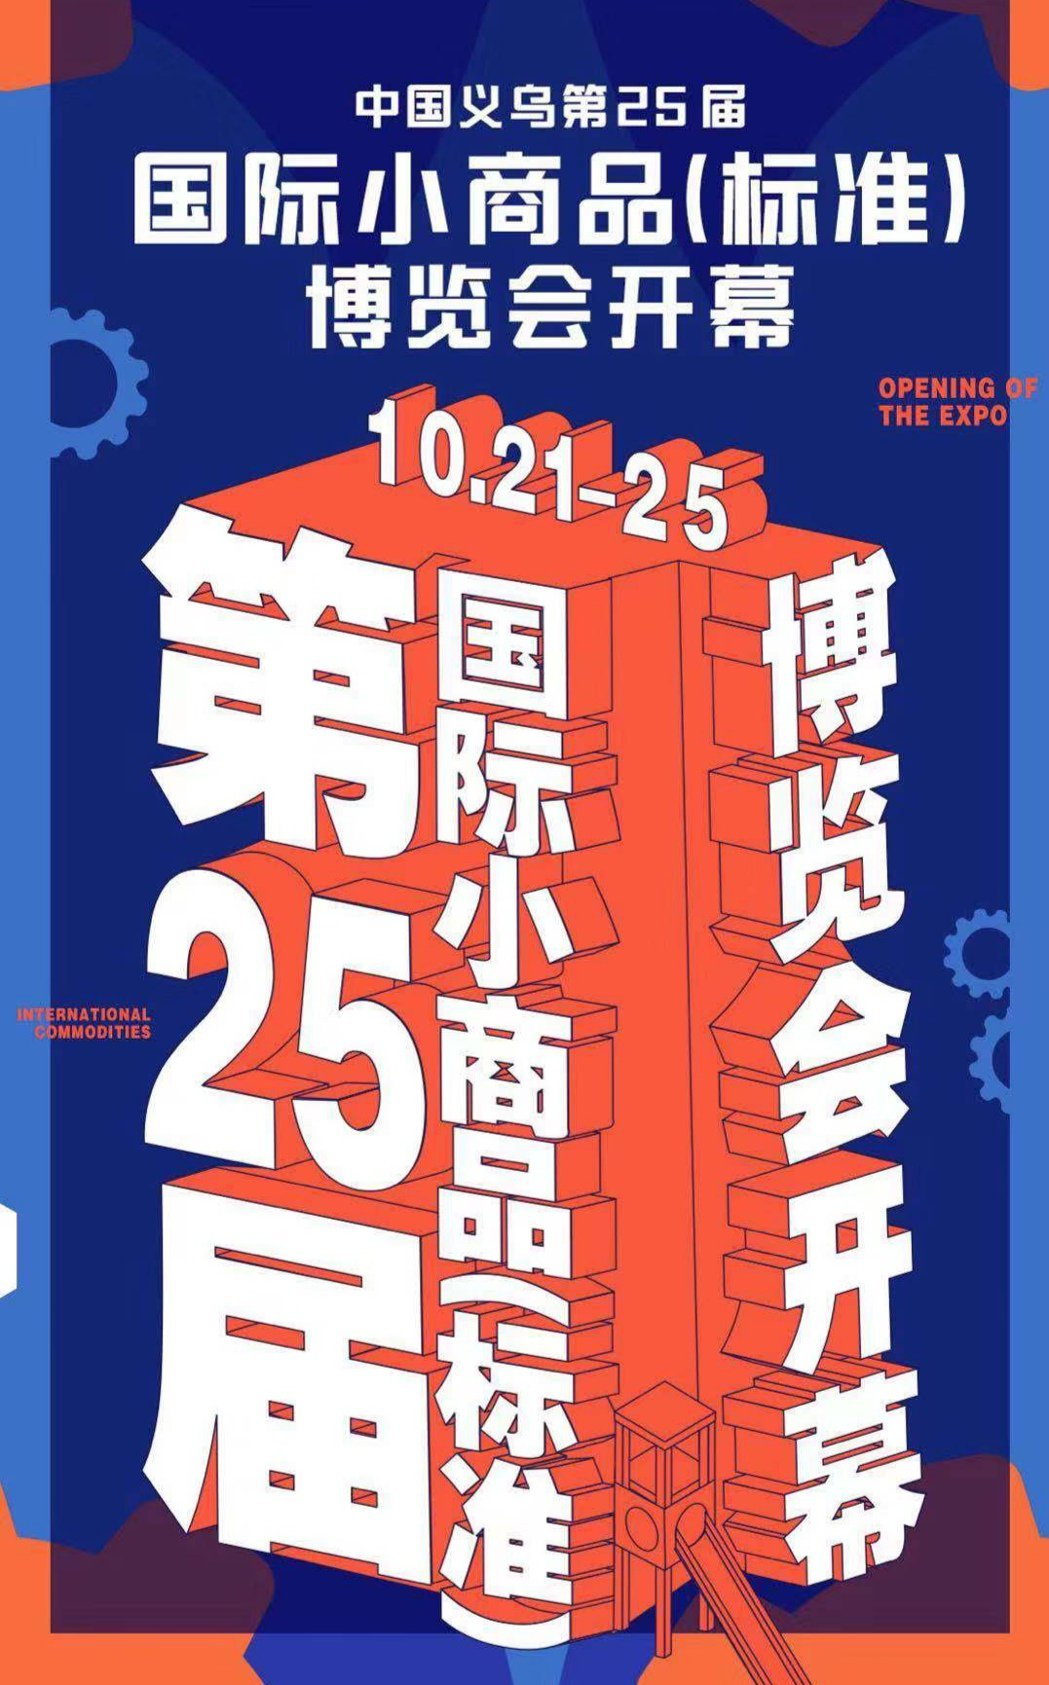 第25屆中國義烏國際小商品(標準)博覽會,10月21至25日舉辦。 康堃皇/攝影